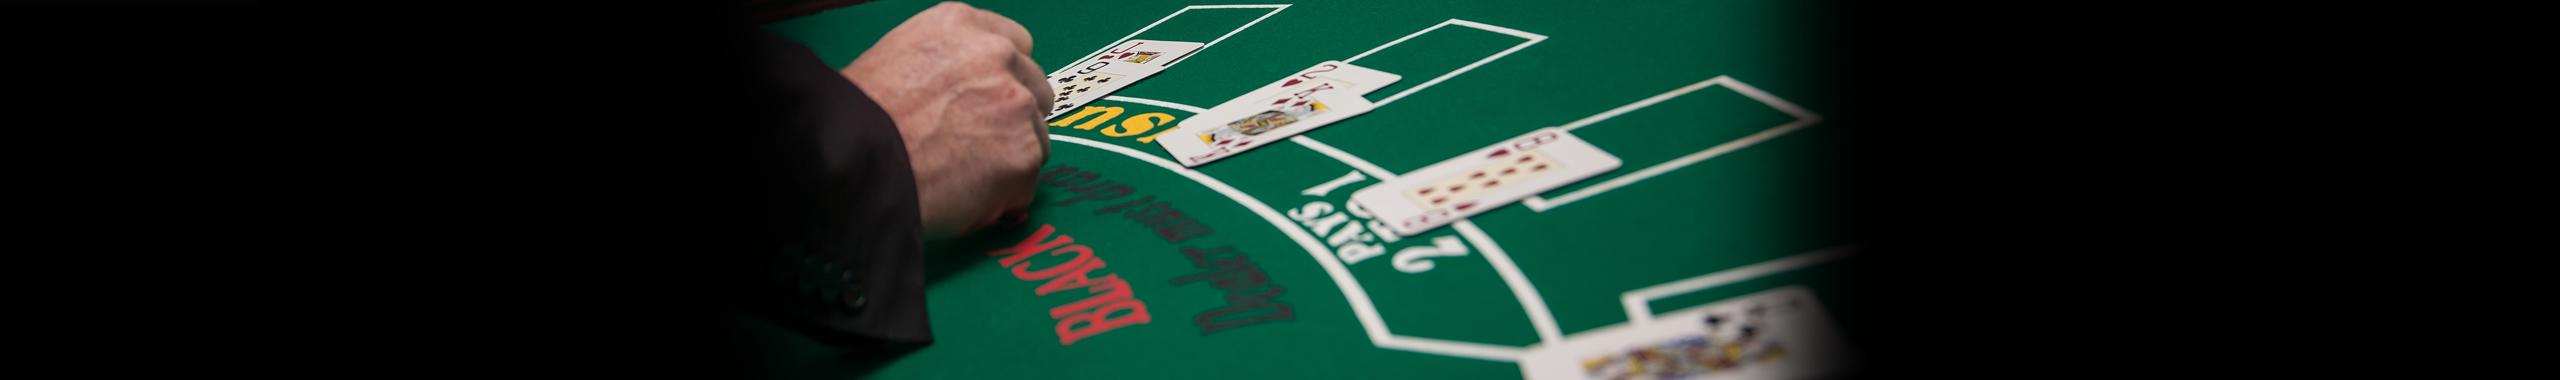 banner_home10.jpg